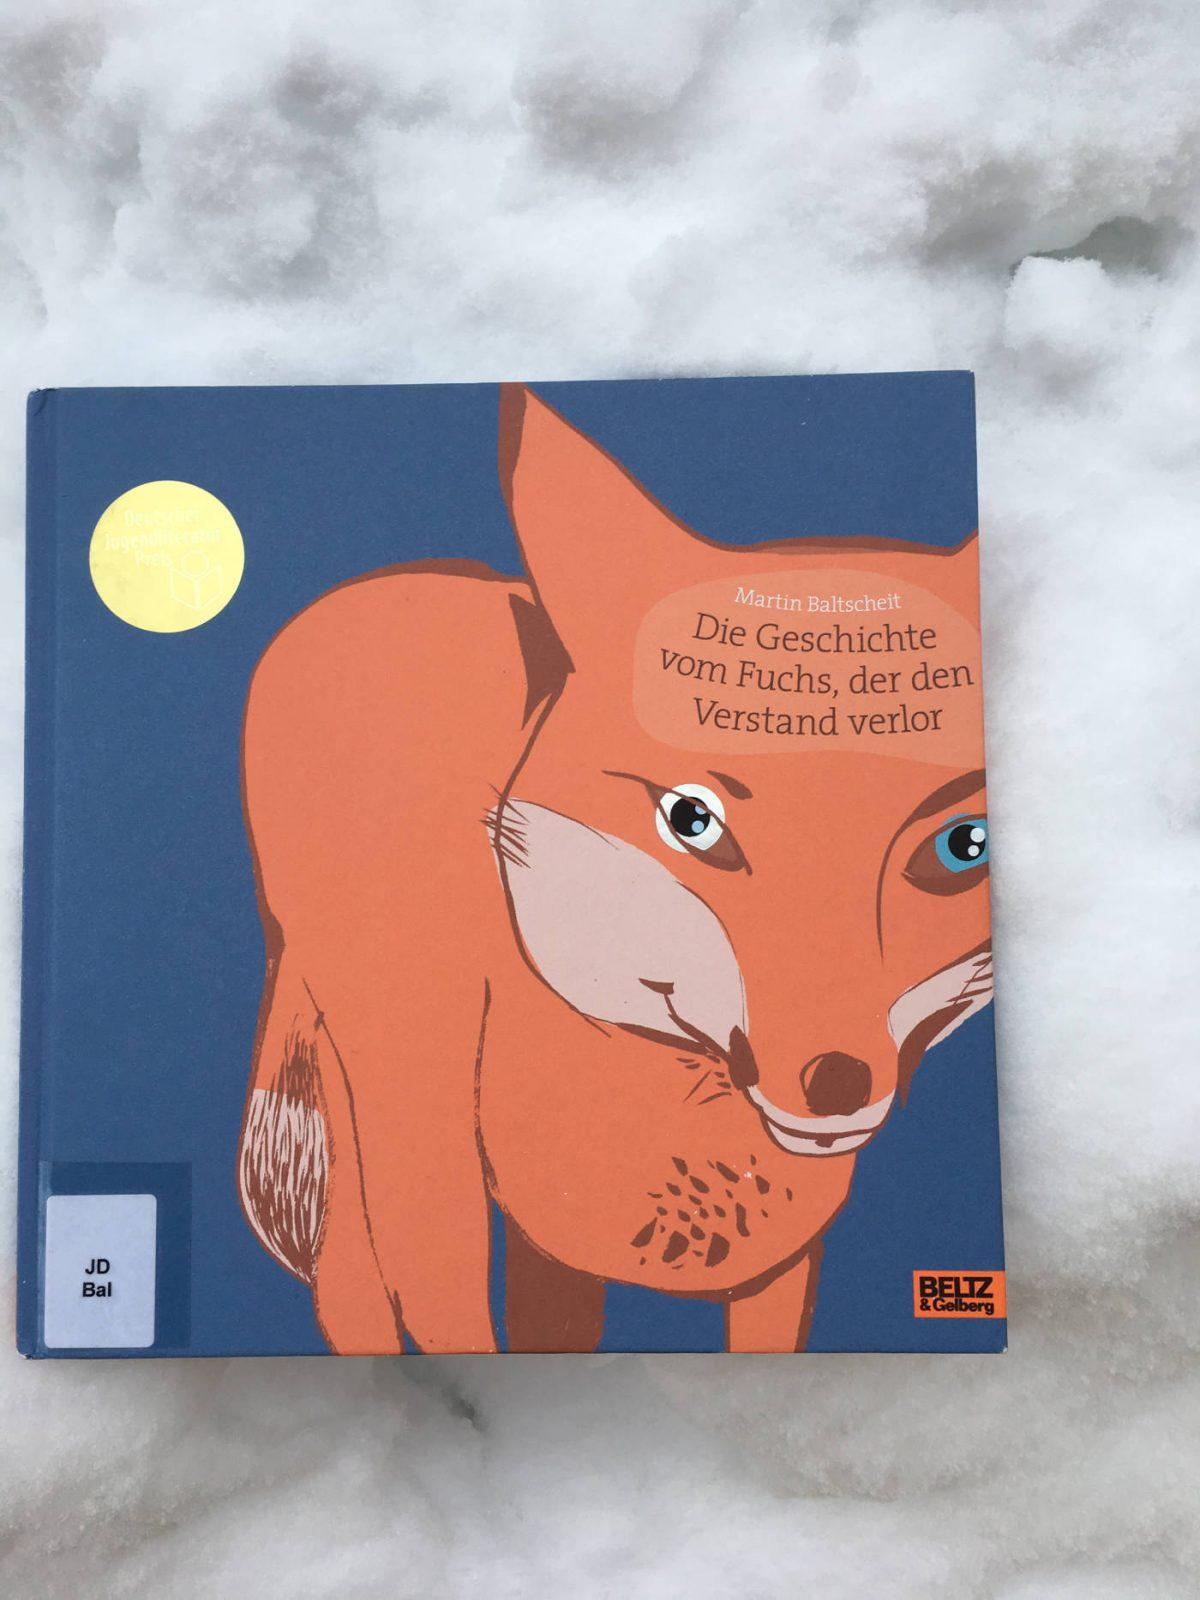 Martin Baltscheit: Die Geschichte vom Fuchs, der den Verstand verlor